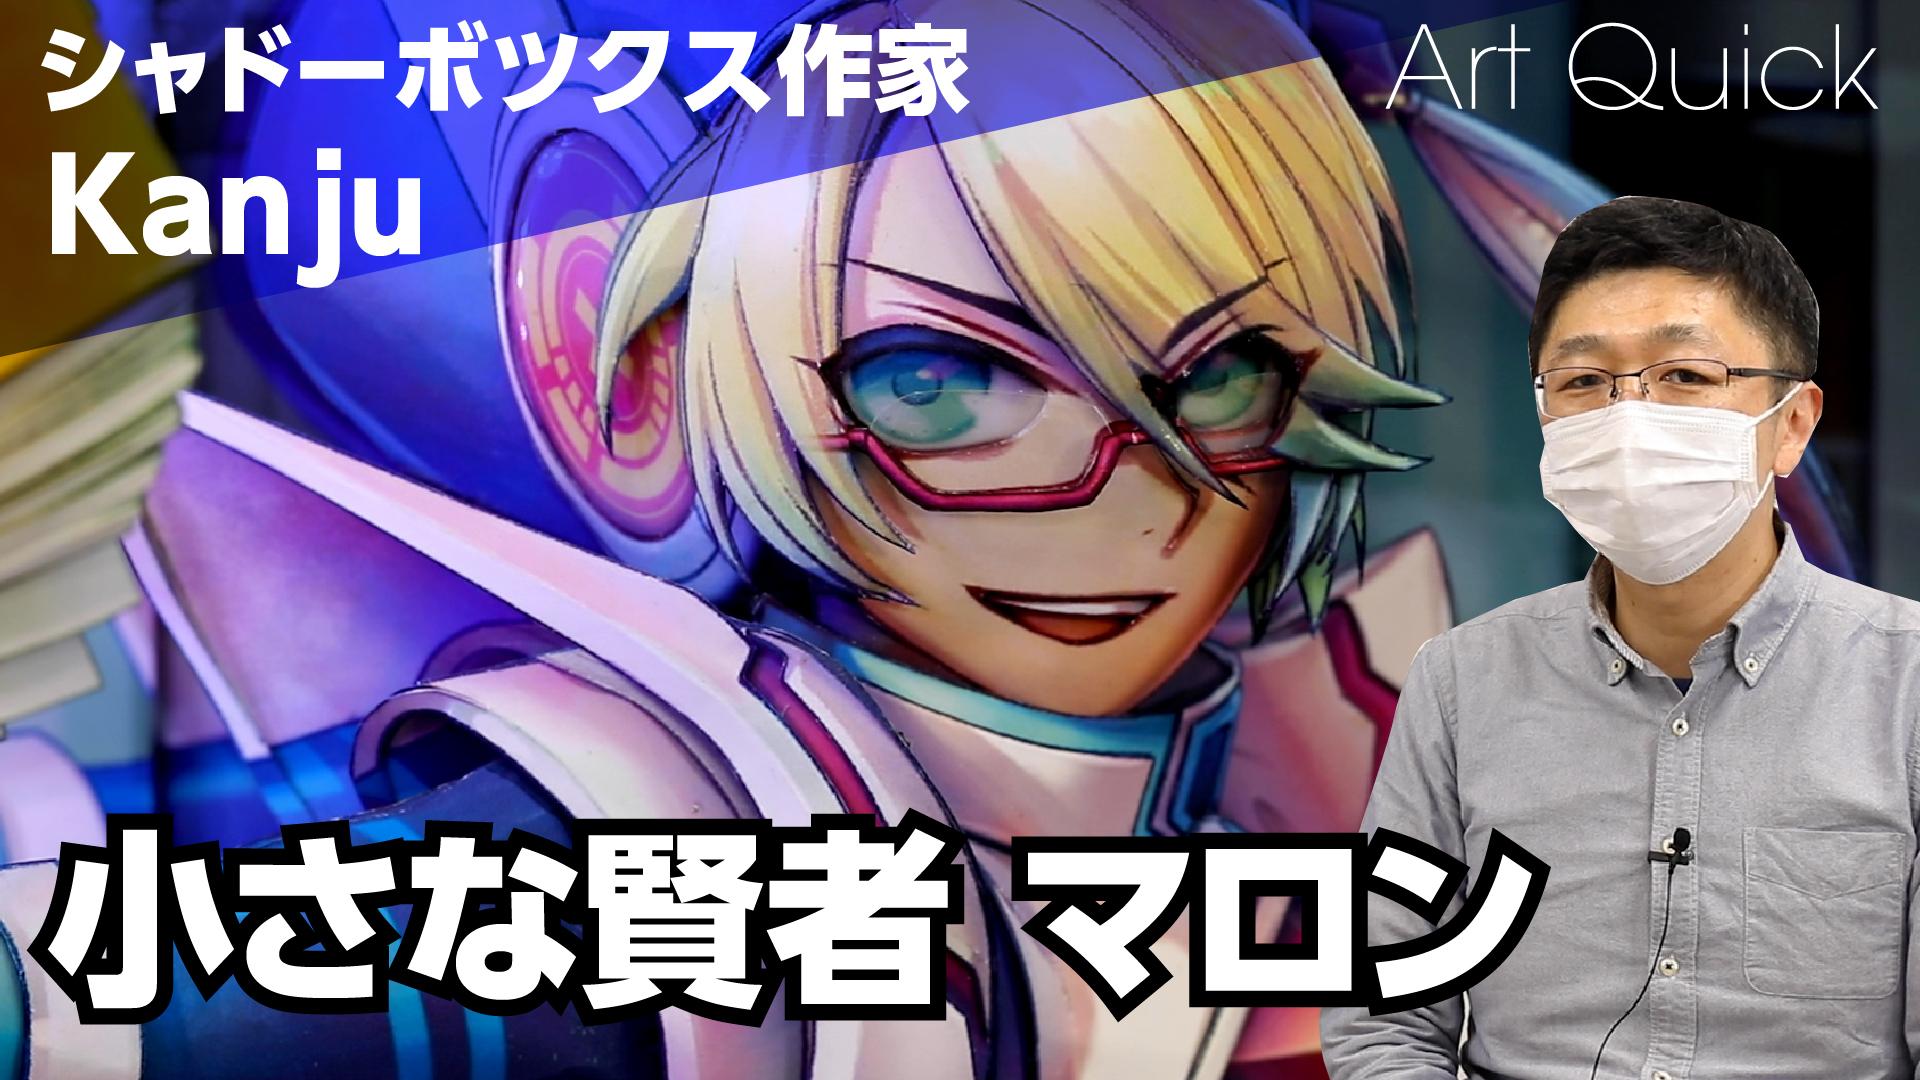 【シャドーボックス作家Kanju】小さな賢者 マロン〜「カードファイト!! ヴァンガード」より